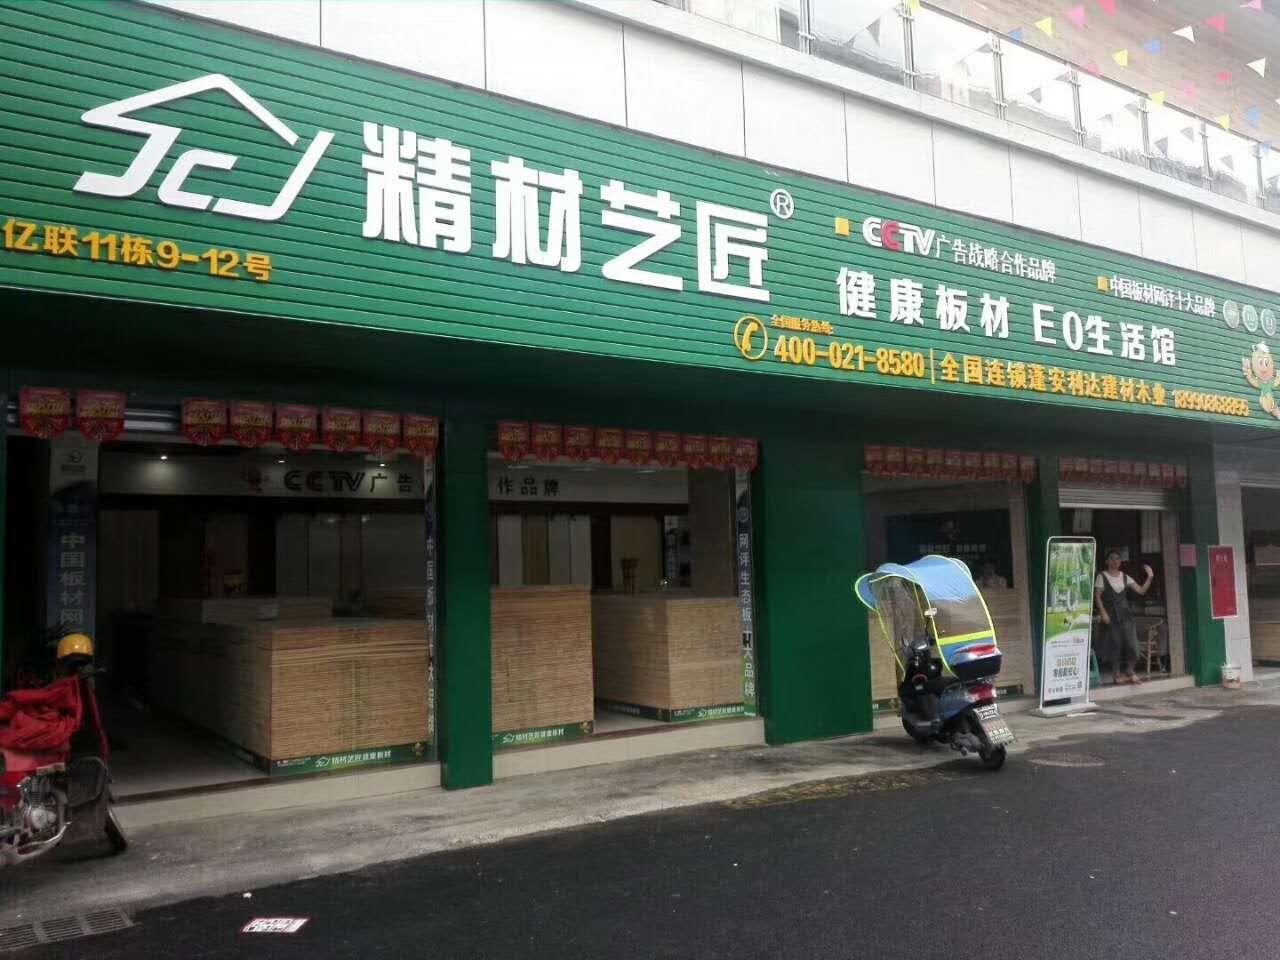 印象中国板材十大品牌,醉美精材艺匠蓬安店